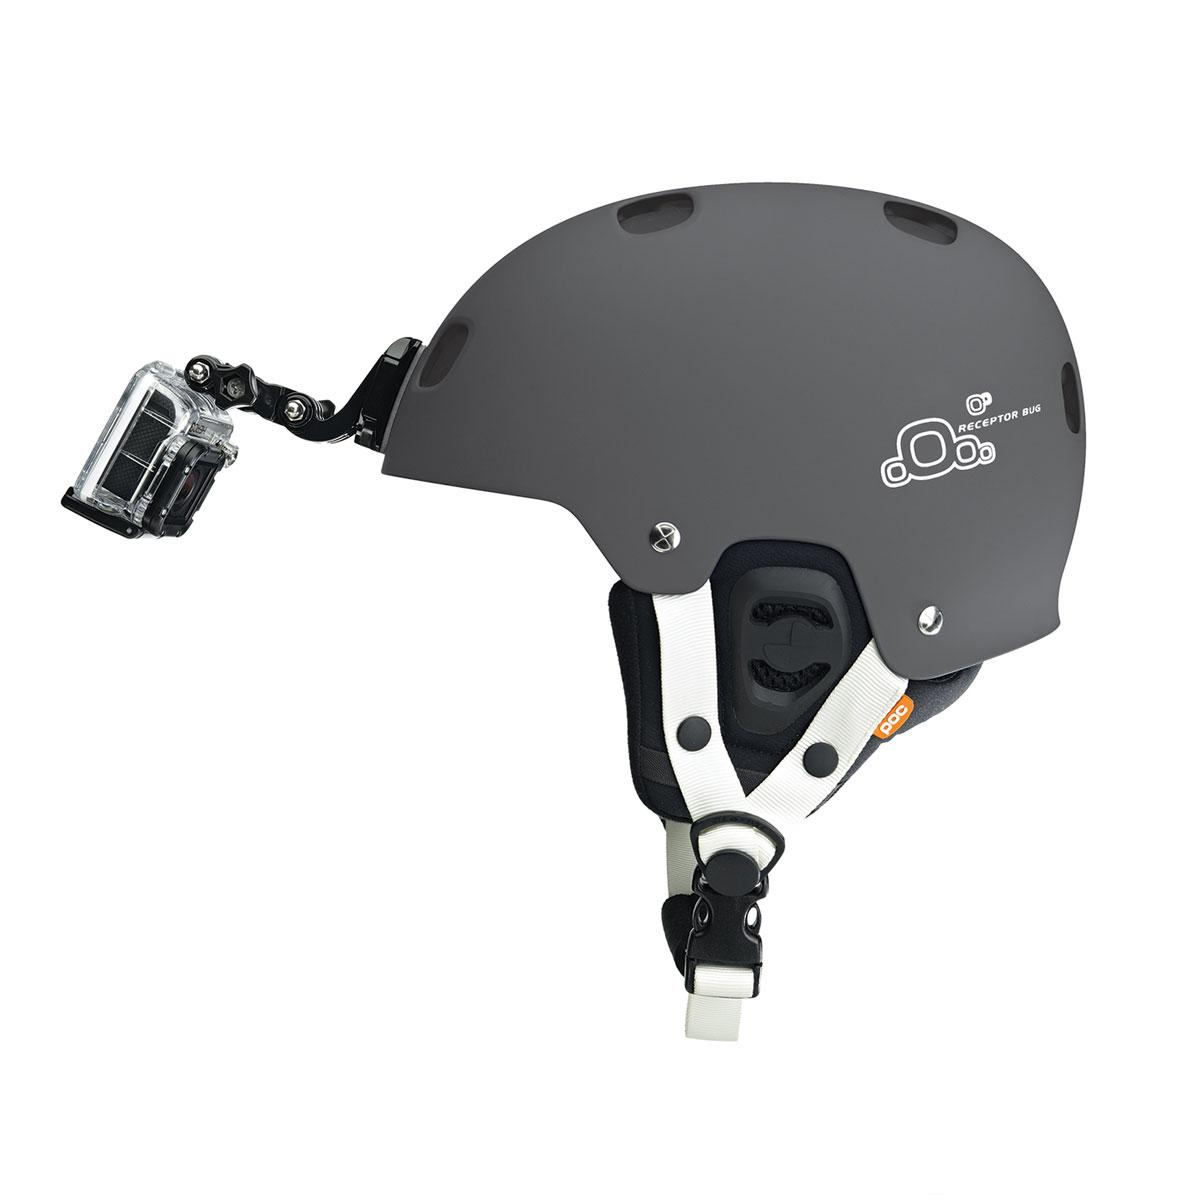 gopro fixation frontale pour casque accessoires cam ra sportive gopro sur ldlc. Black Bedroom Furniture Sets. Home Design Ideas